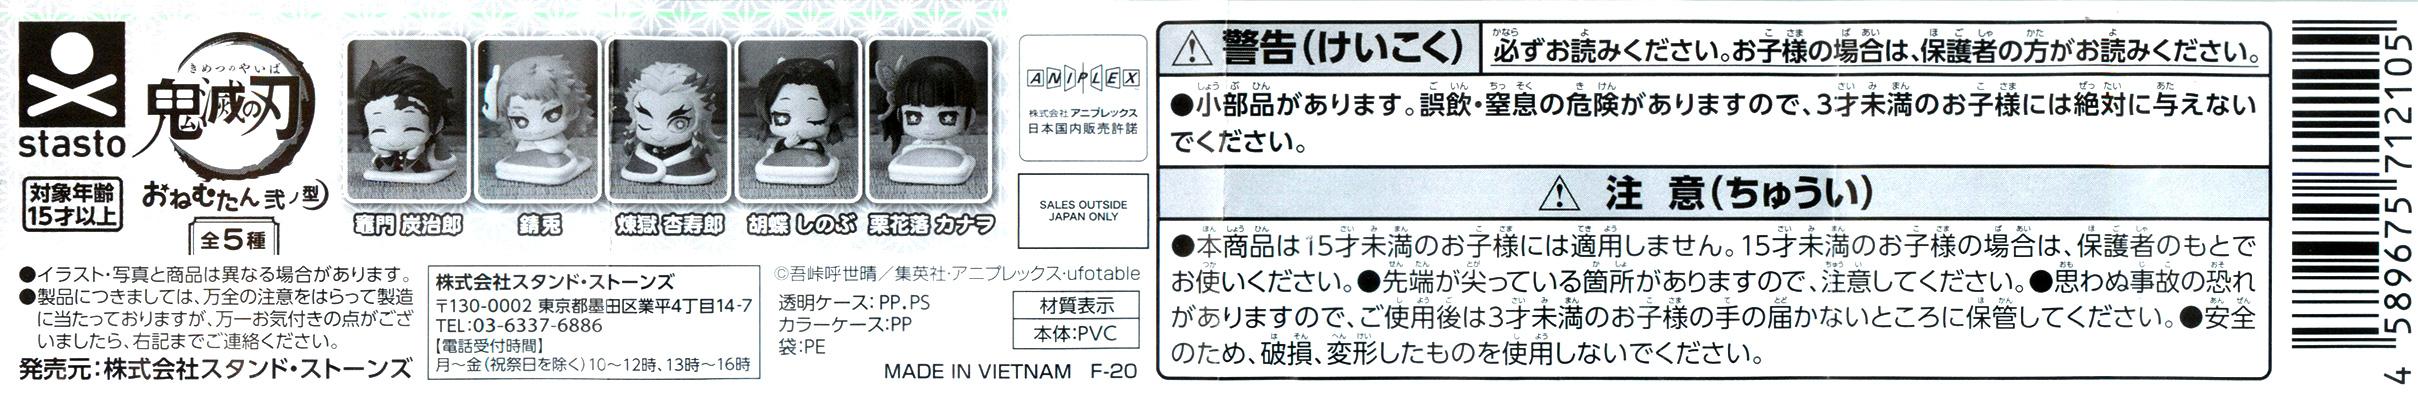 鬼滅の刃 ねむたん 弐ノ型 [スタンド・ストーンズ]